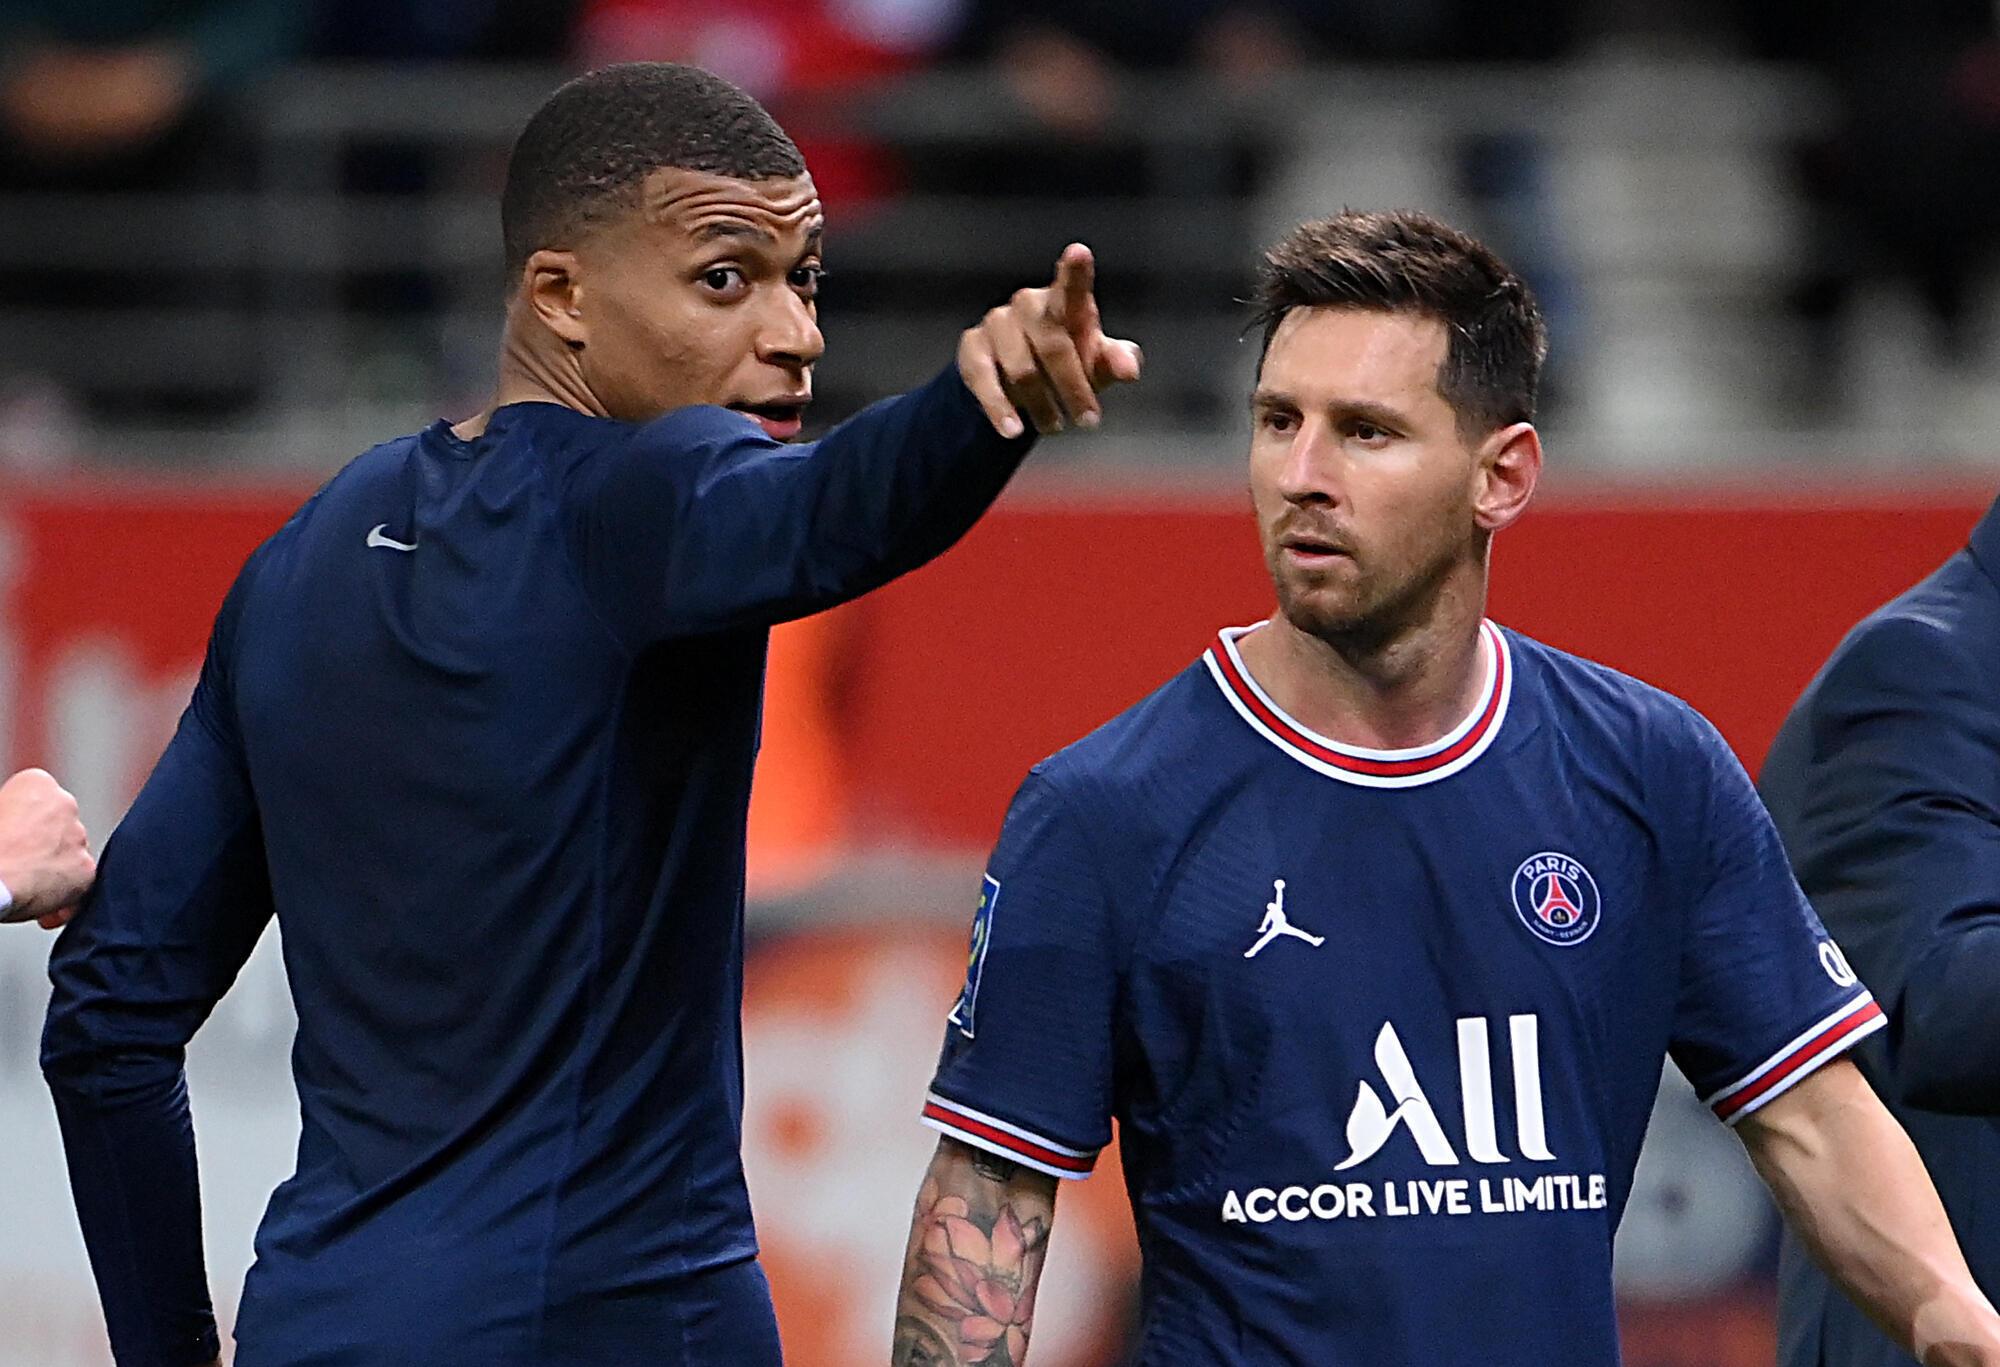 Les stars du PSG Kylian Mbappé et Lionel Messi à la fin du match à Reims, le 29 août 2021